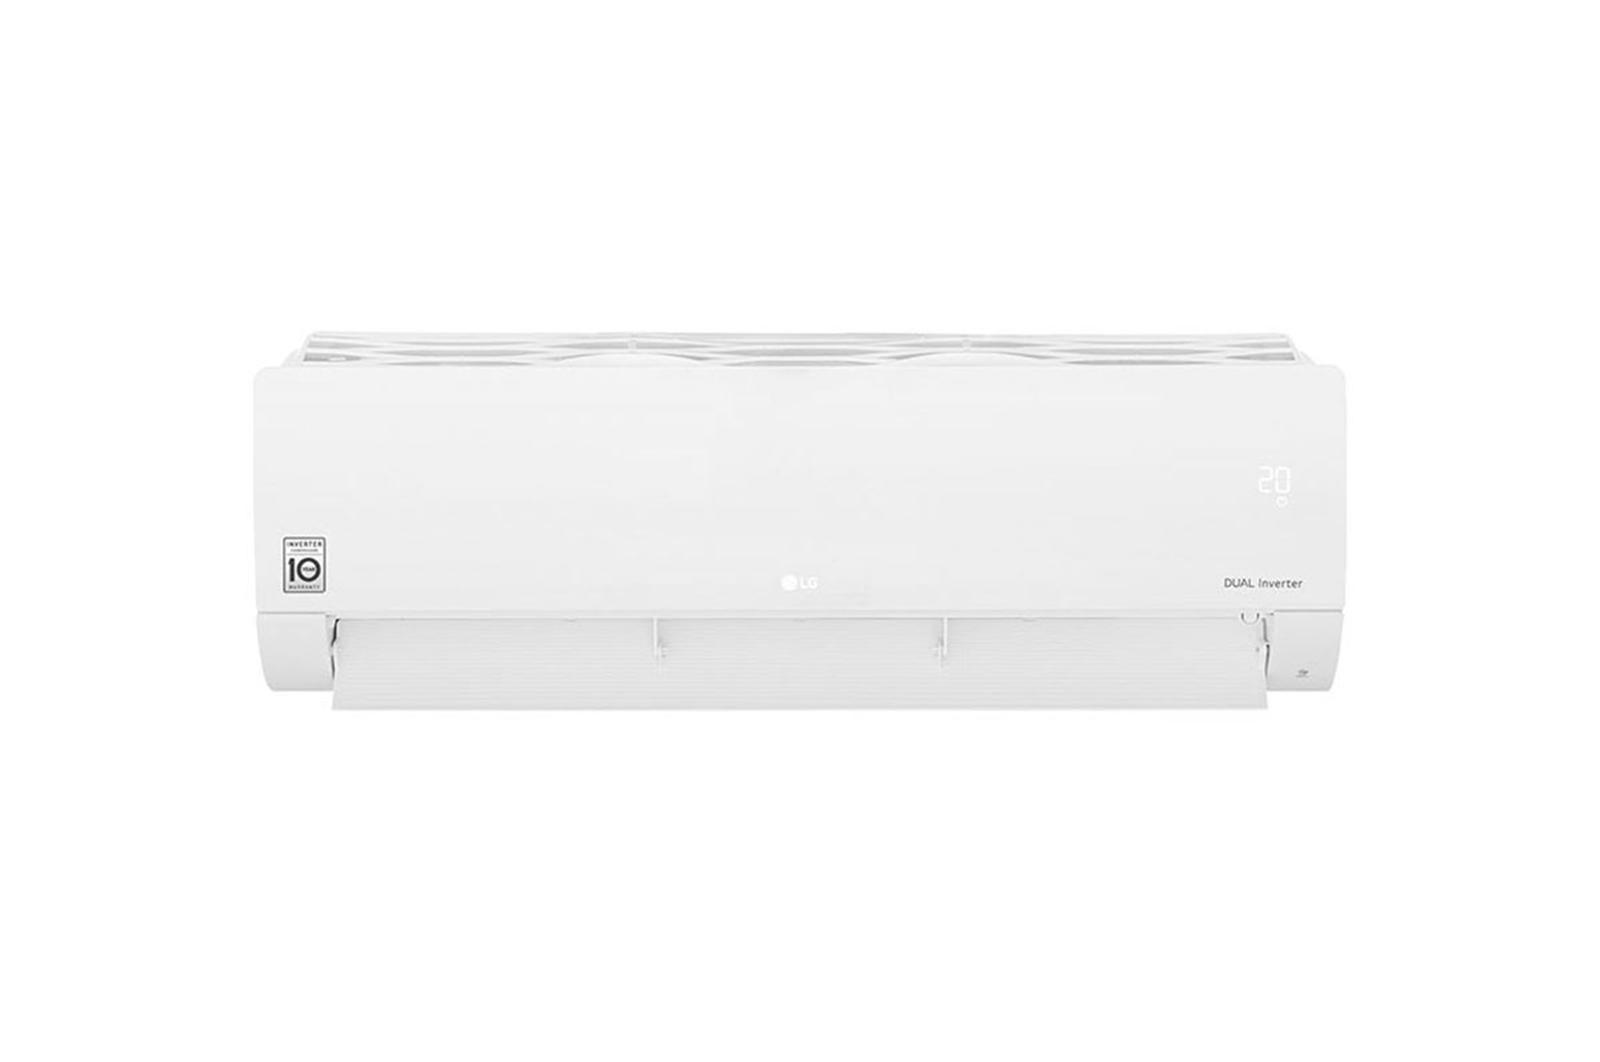 แอร์บ้านราคาถูก By Sntairhome | LG (Dual Inverter) IG24R.SE ขนาด 21,600 BTU น้ำยา R32